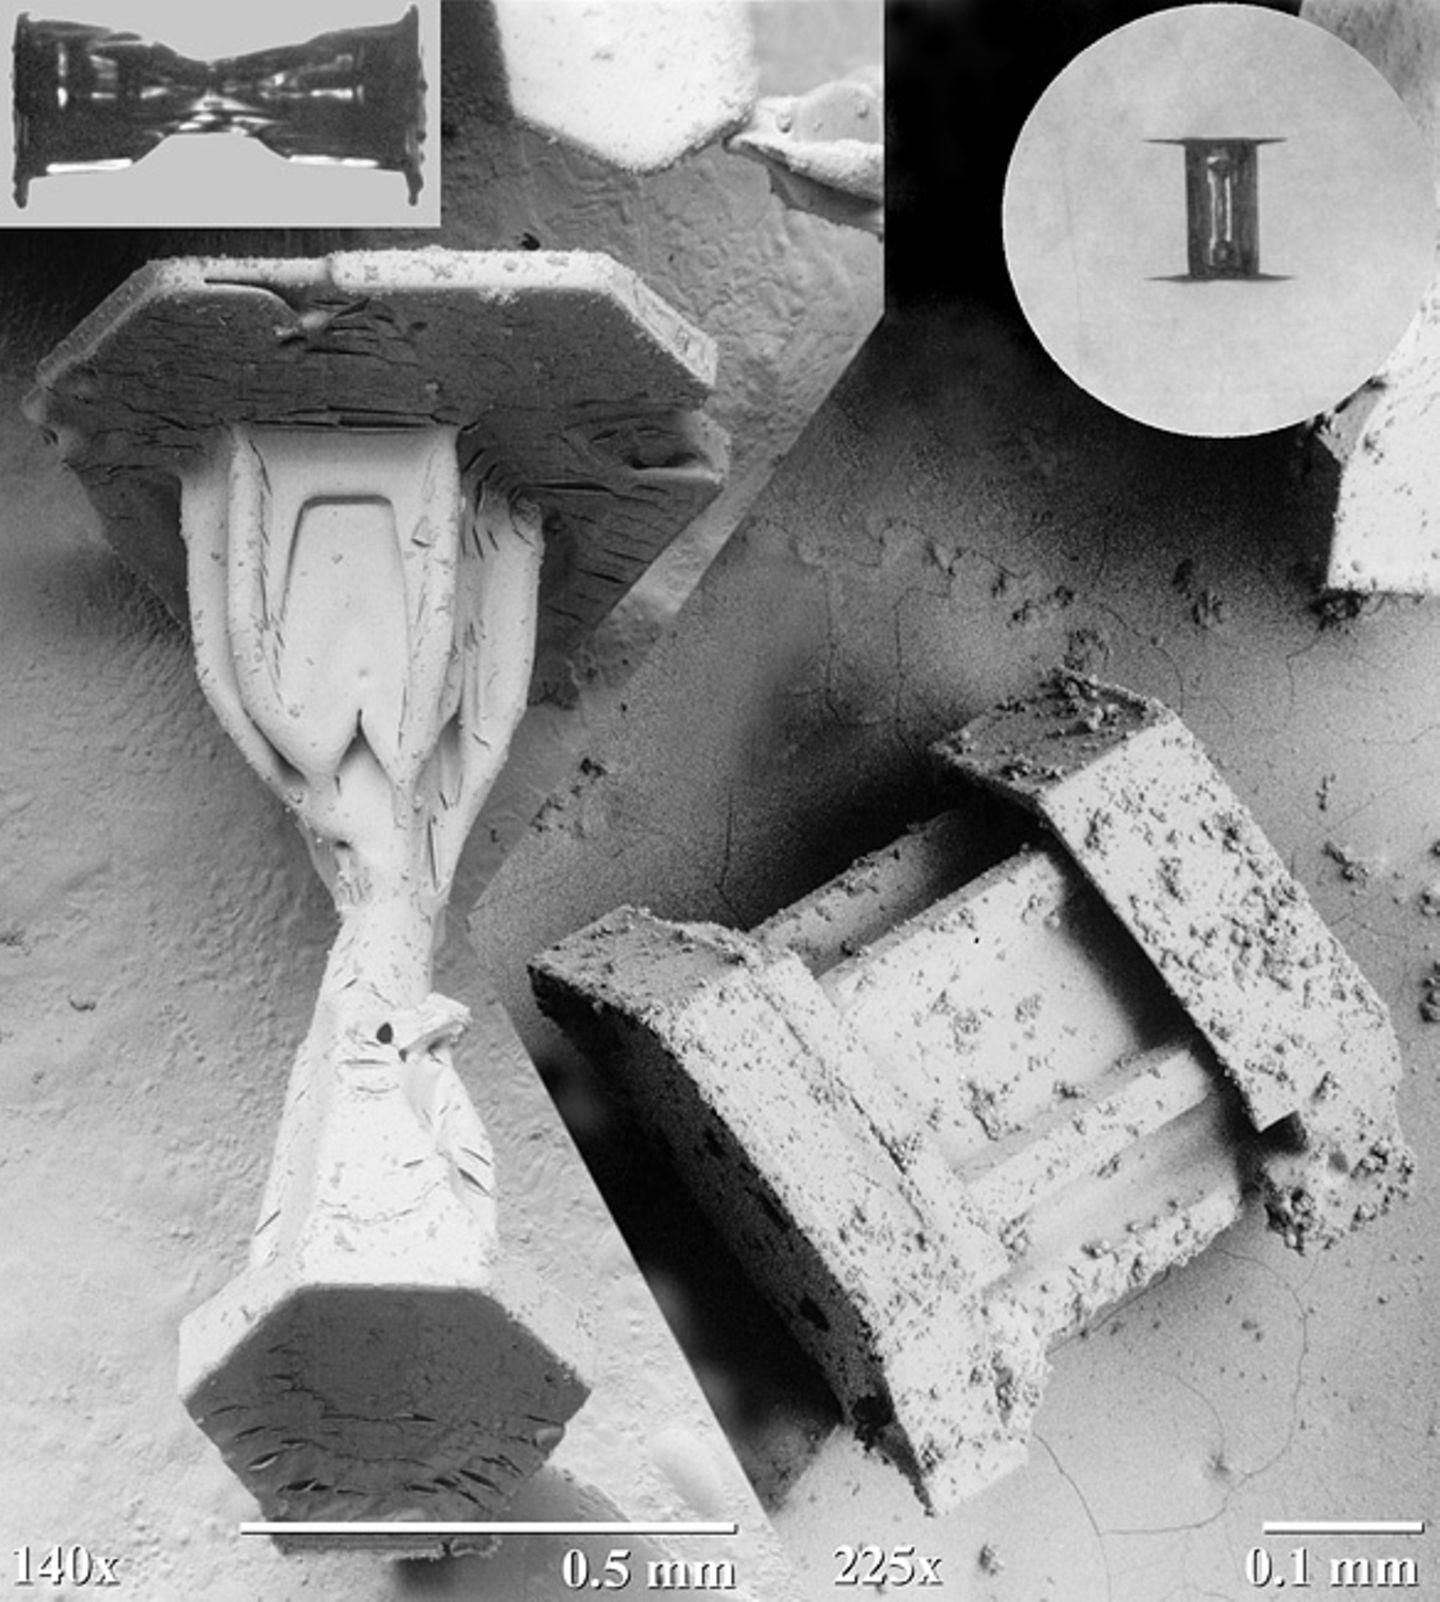 Griechische Kunstschätze? Vielleicht auch ein Percussion-Set?